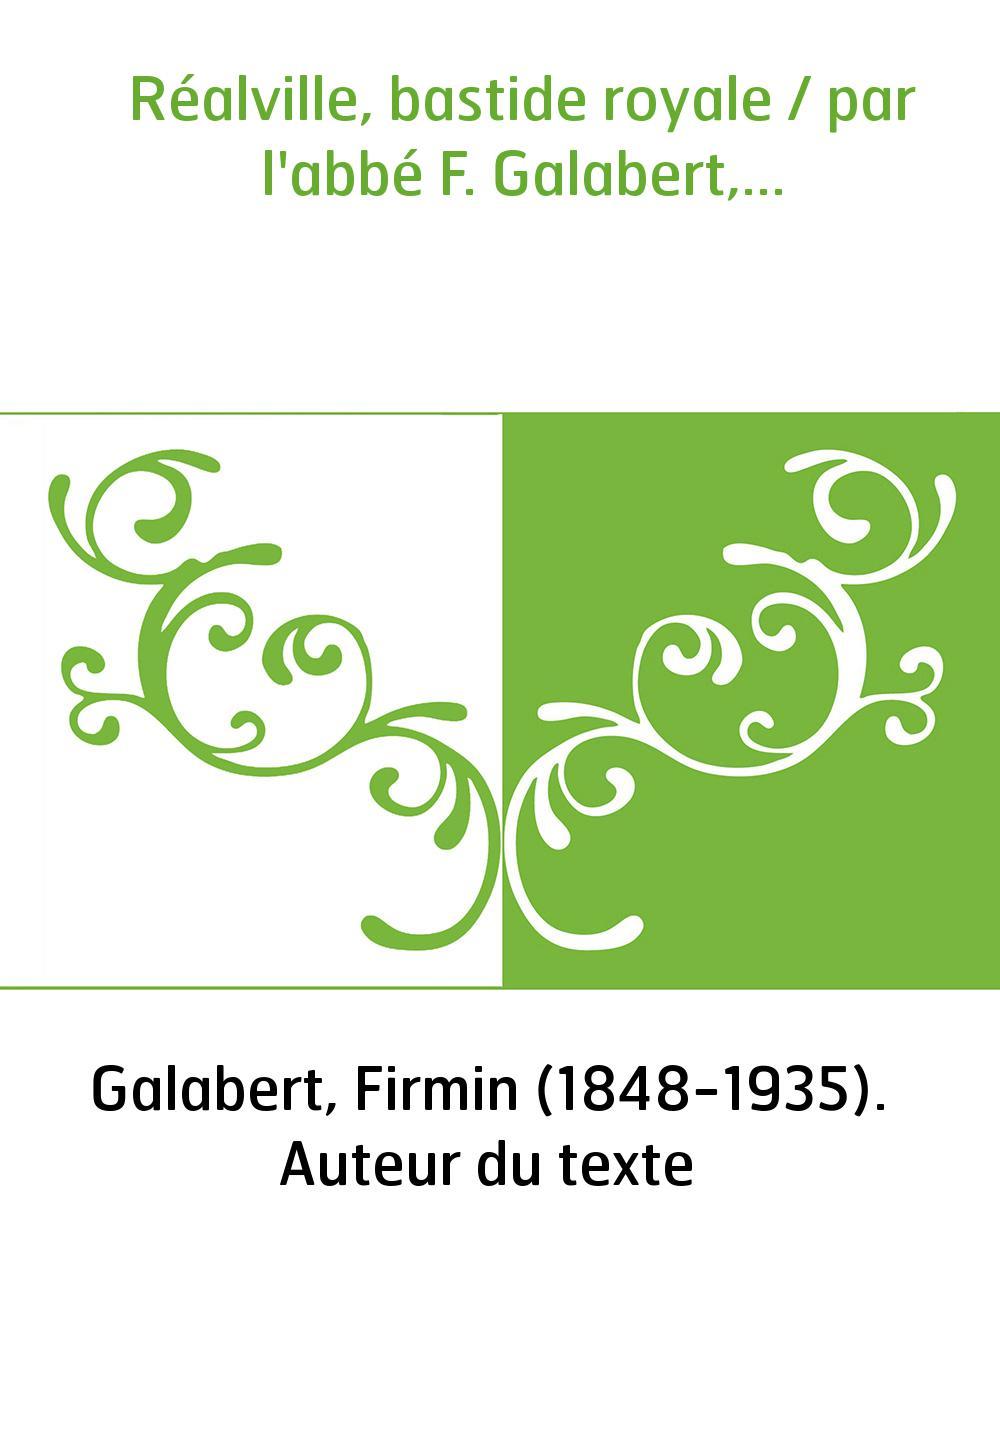 Réalville, bastide royale / par l'abbé F. Galabert,...